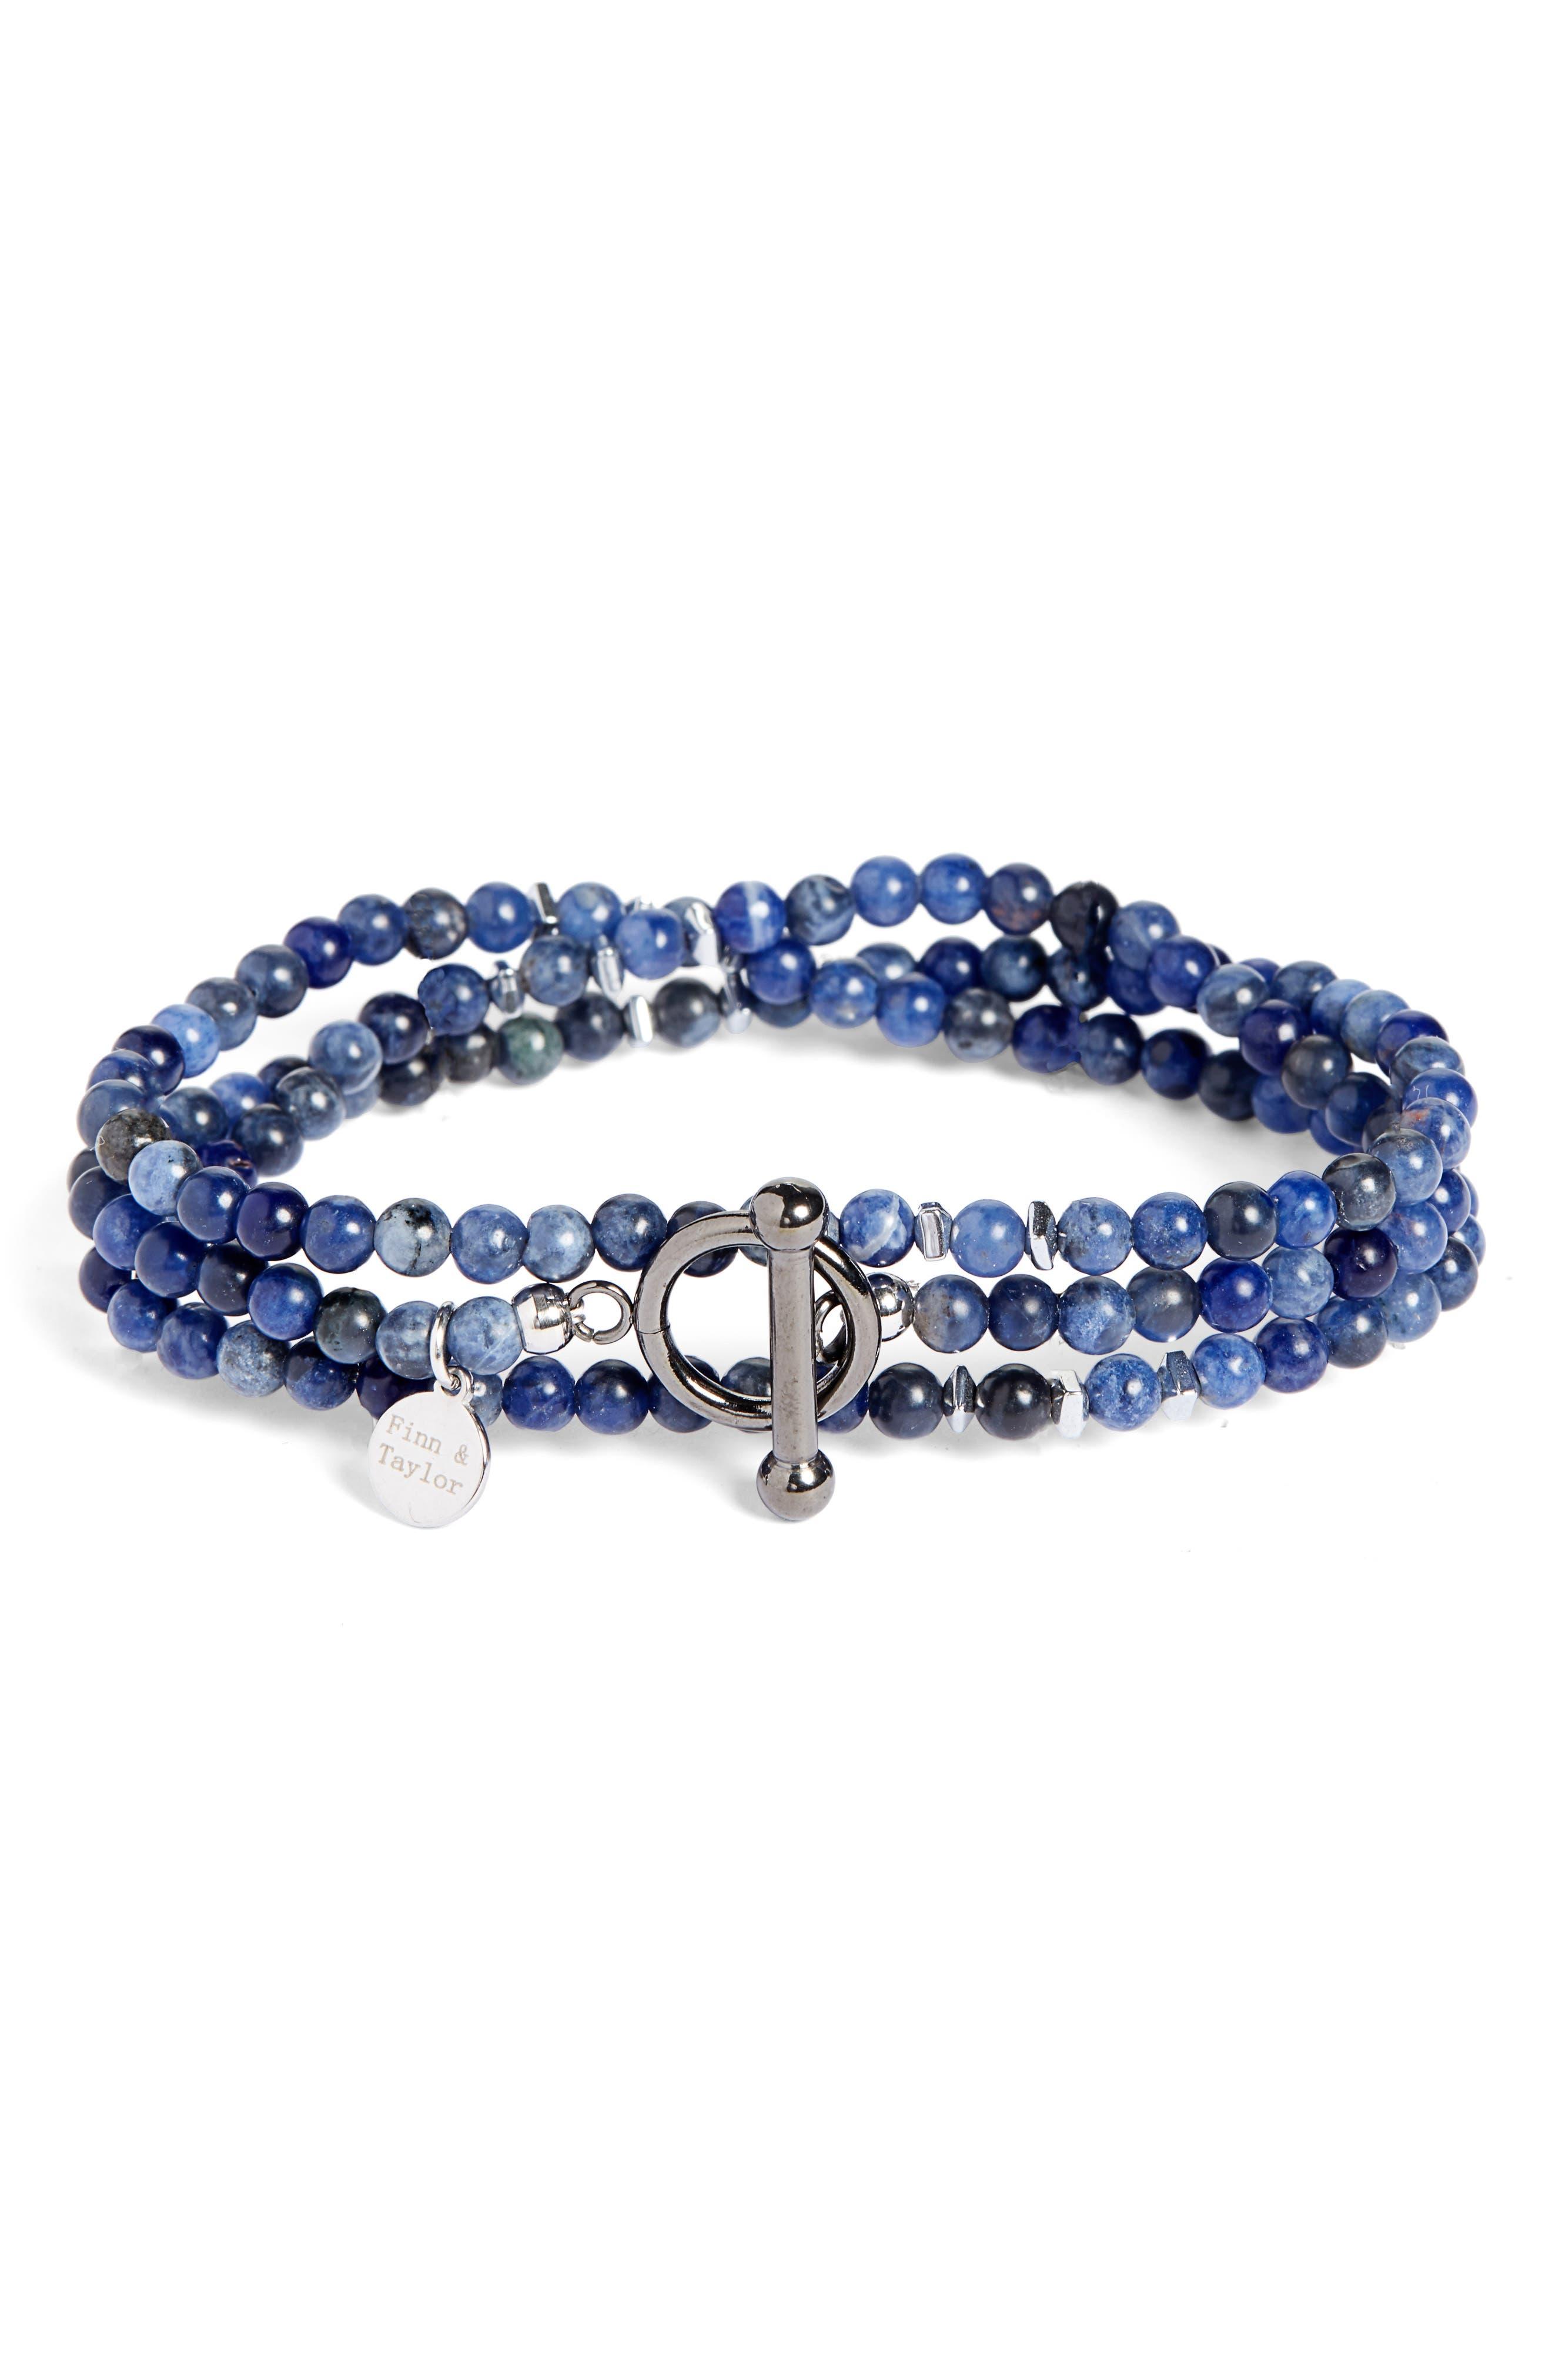 Lapis Lazuli Bead Wrap Bracelet,                         Main,                         color, BLUE